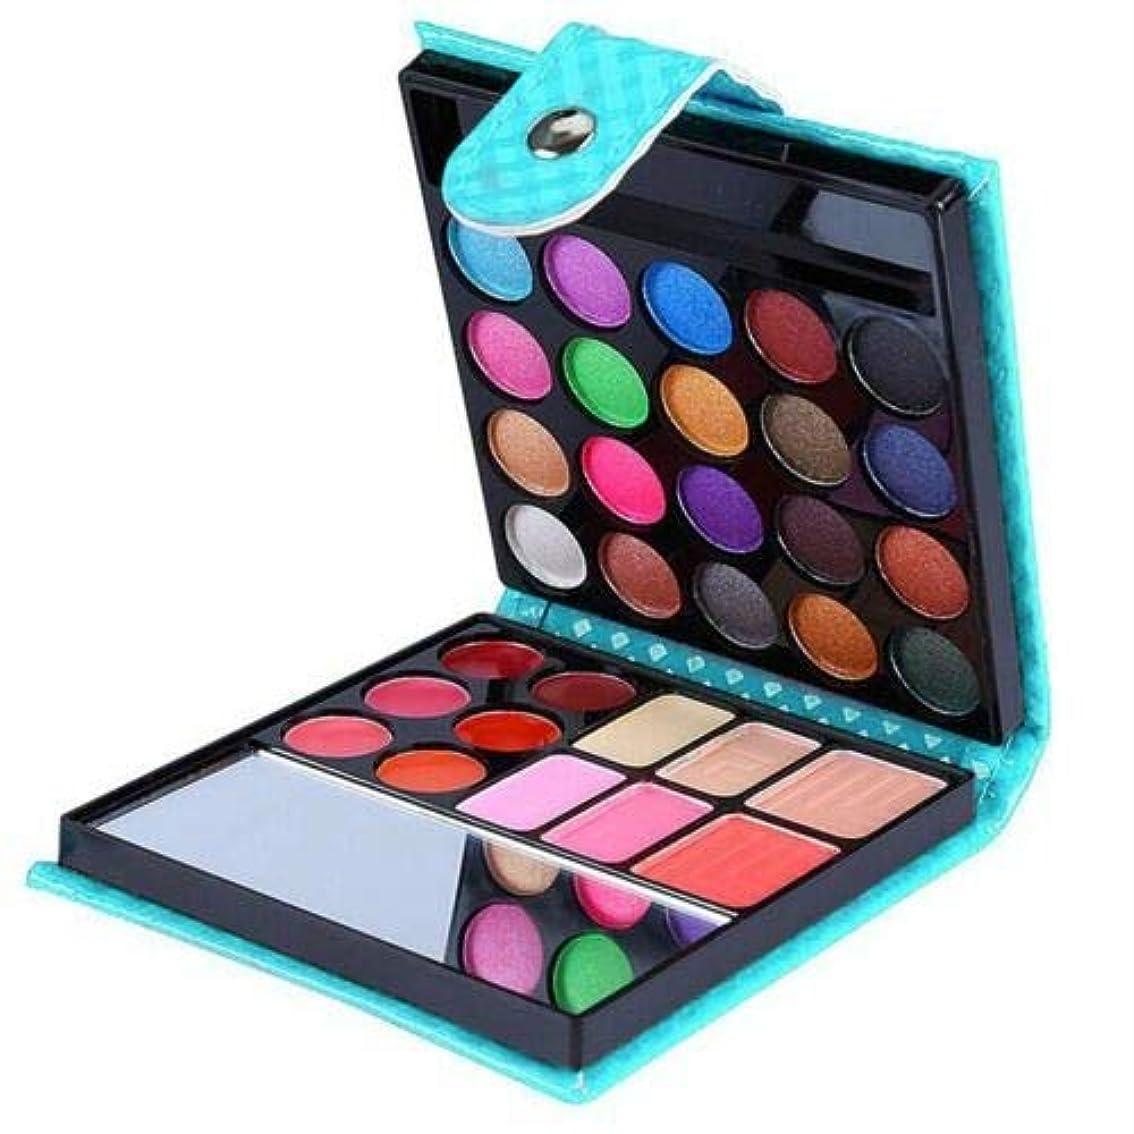 論争的ドレイン金銭的FidgetGear 32色化粧品マットアイシャドークリームアイシャドーメイクアップパレットシマーセット 青